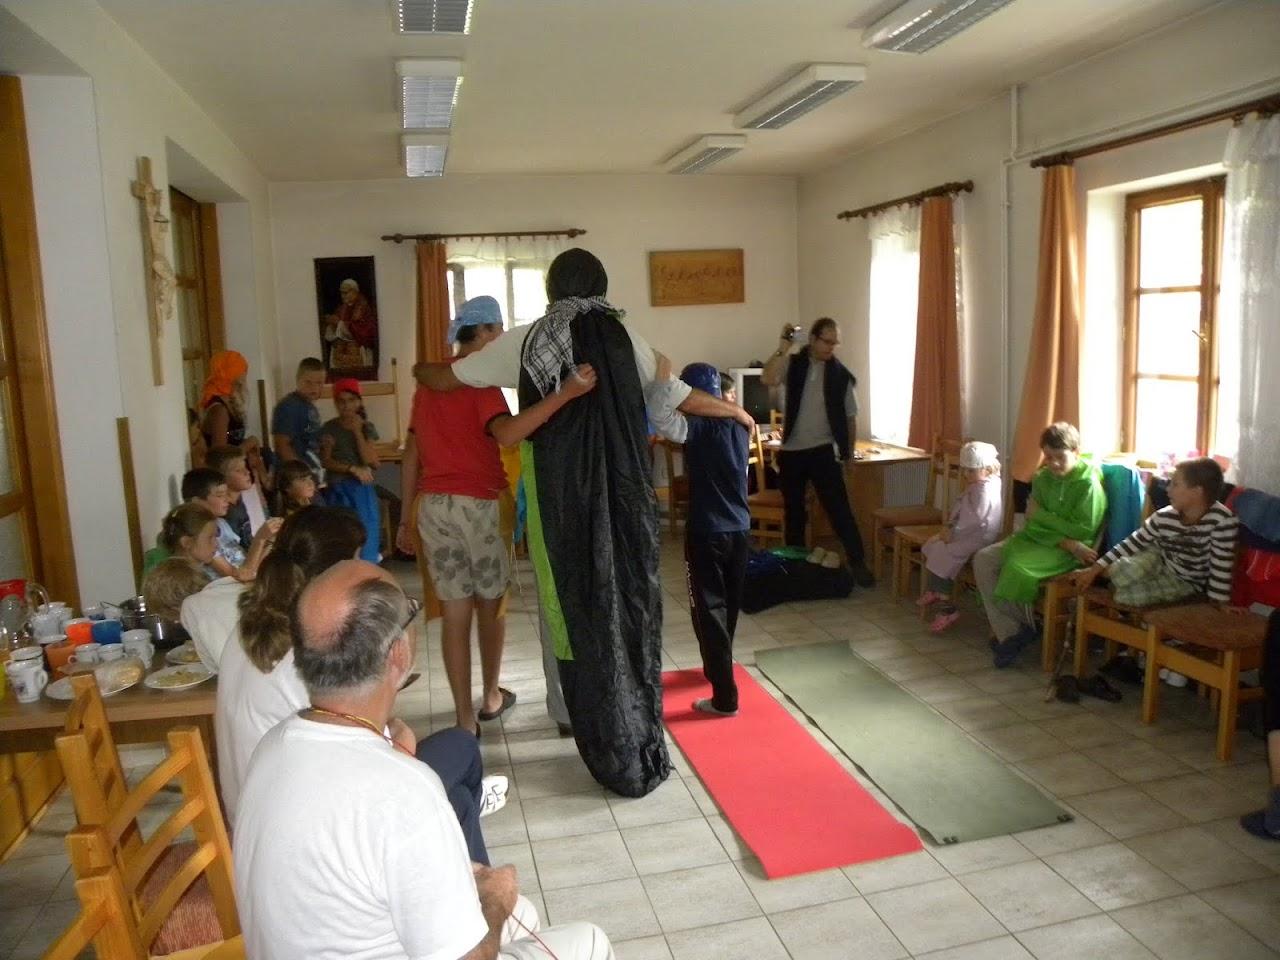 Tábor - Veľké Karlovice - fotka 409.JPG